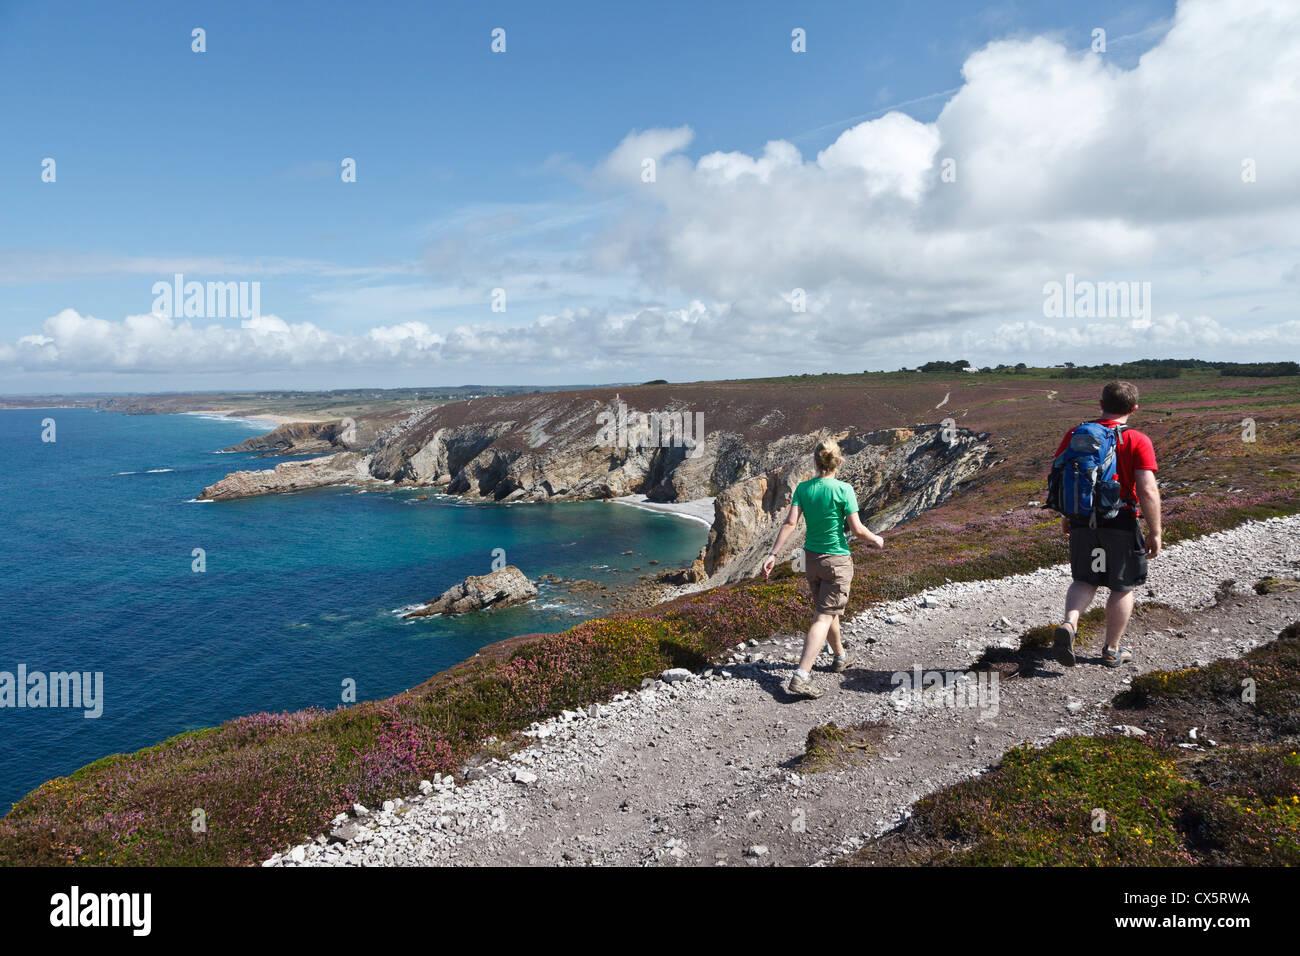 Walkers at Cap de la Chèvre, Finistère, Brittany, France - Stock Image